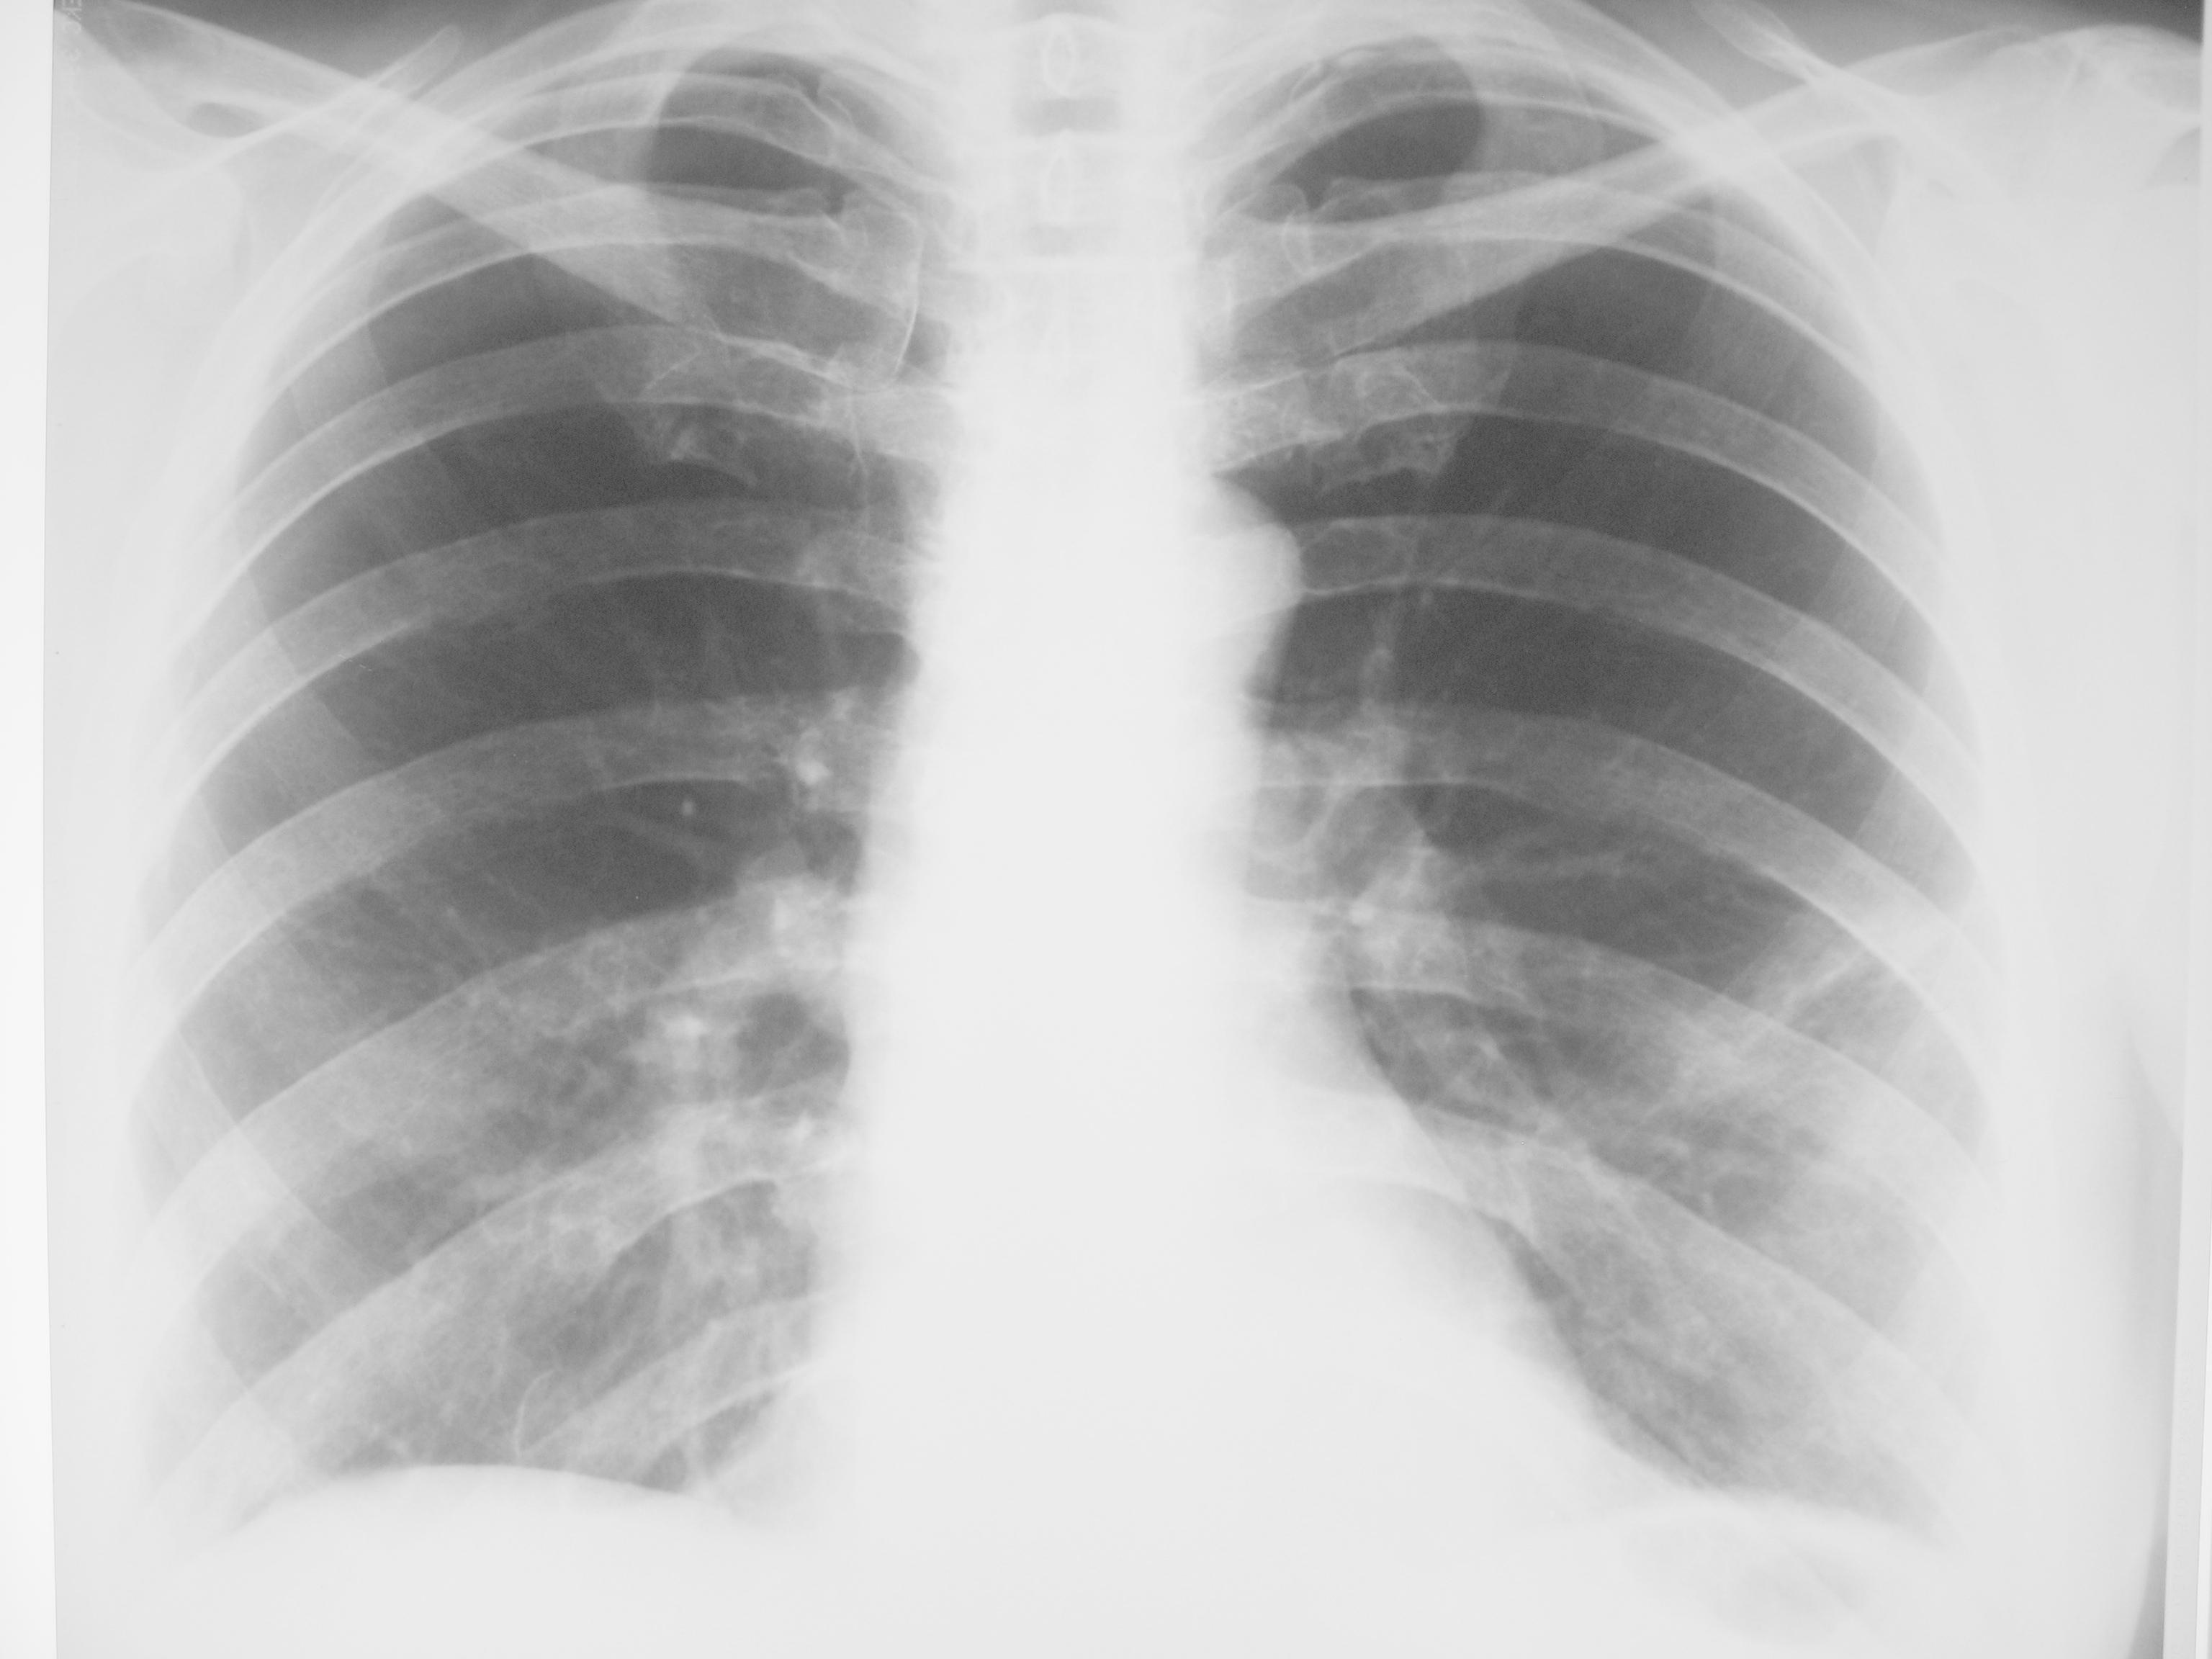 Фиброз легких после пневмонии – симптомы, как лечить?